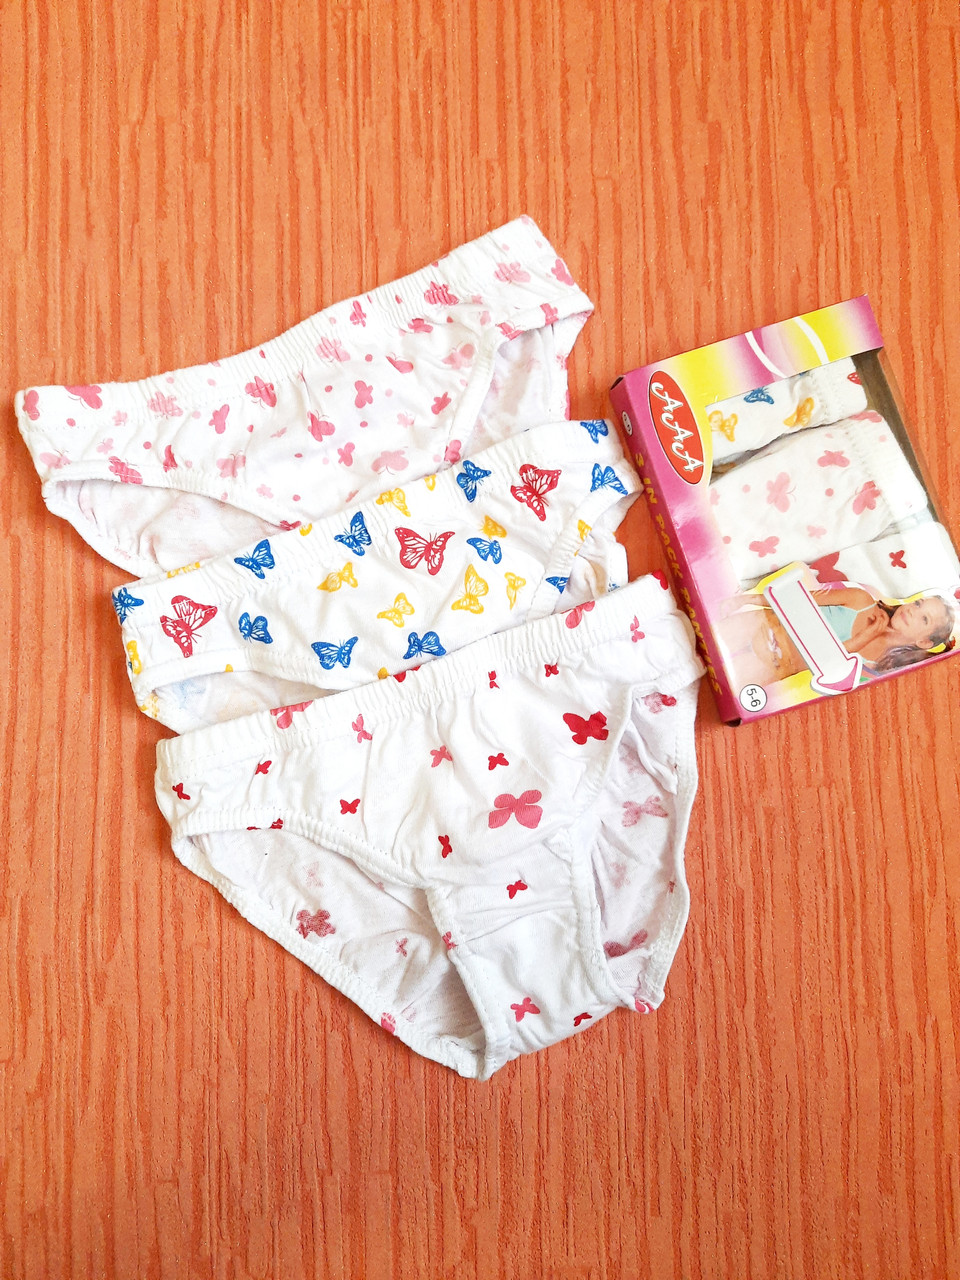 Плавки трусы детские на девочек 0-5 лет хлопок стрейч. От 15шт по 8 грн